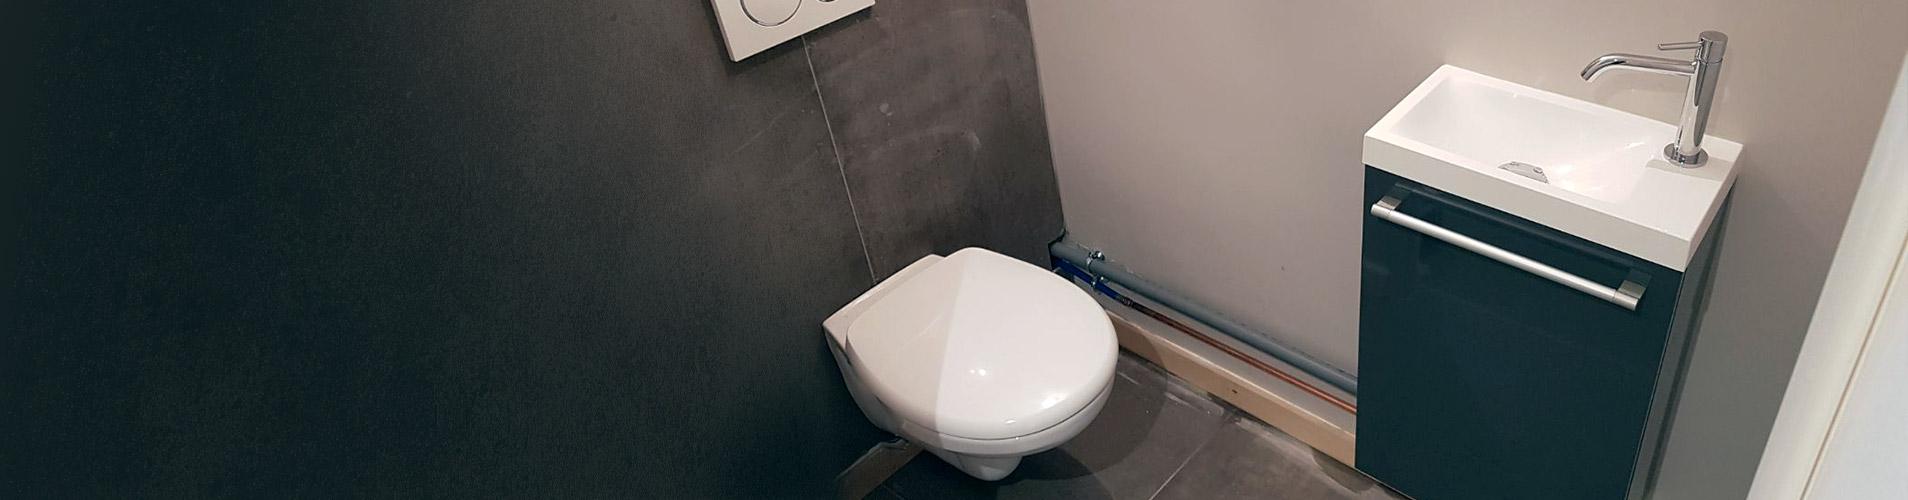 Installation d'un WC et d'un lavabo dans une salle d'eau